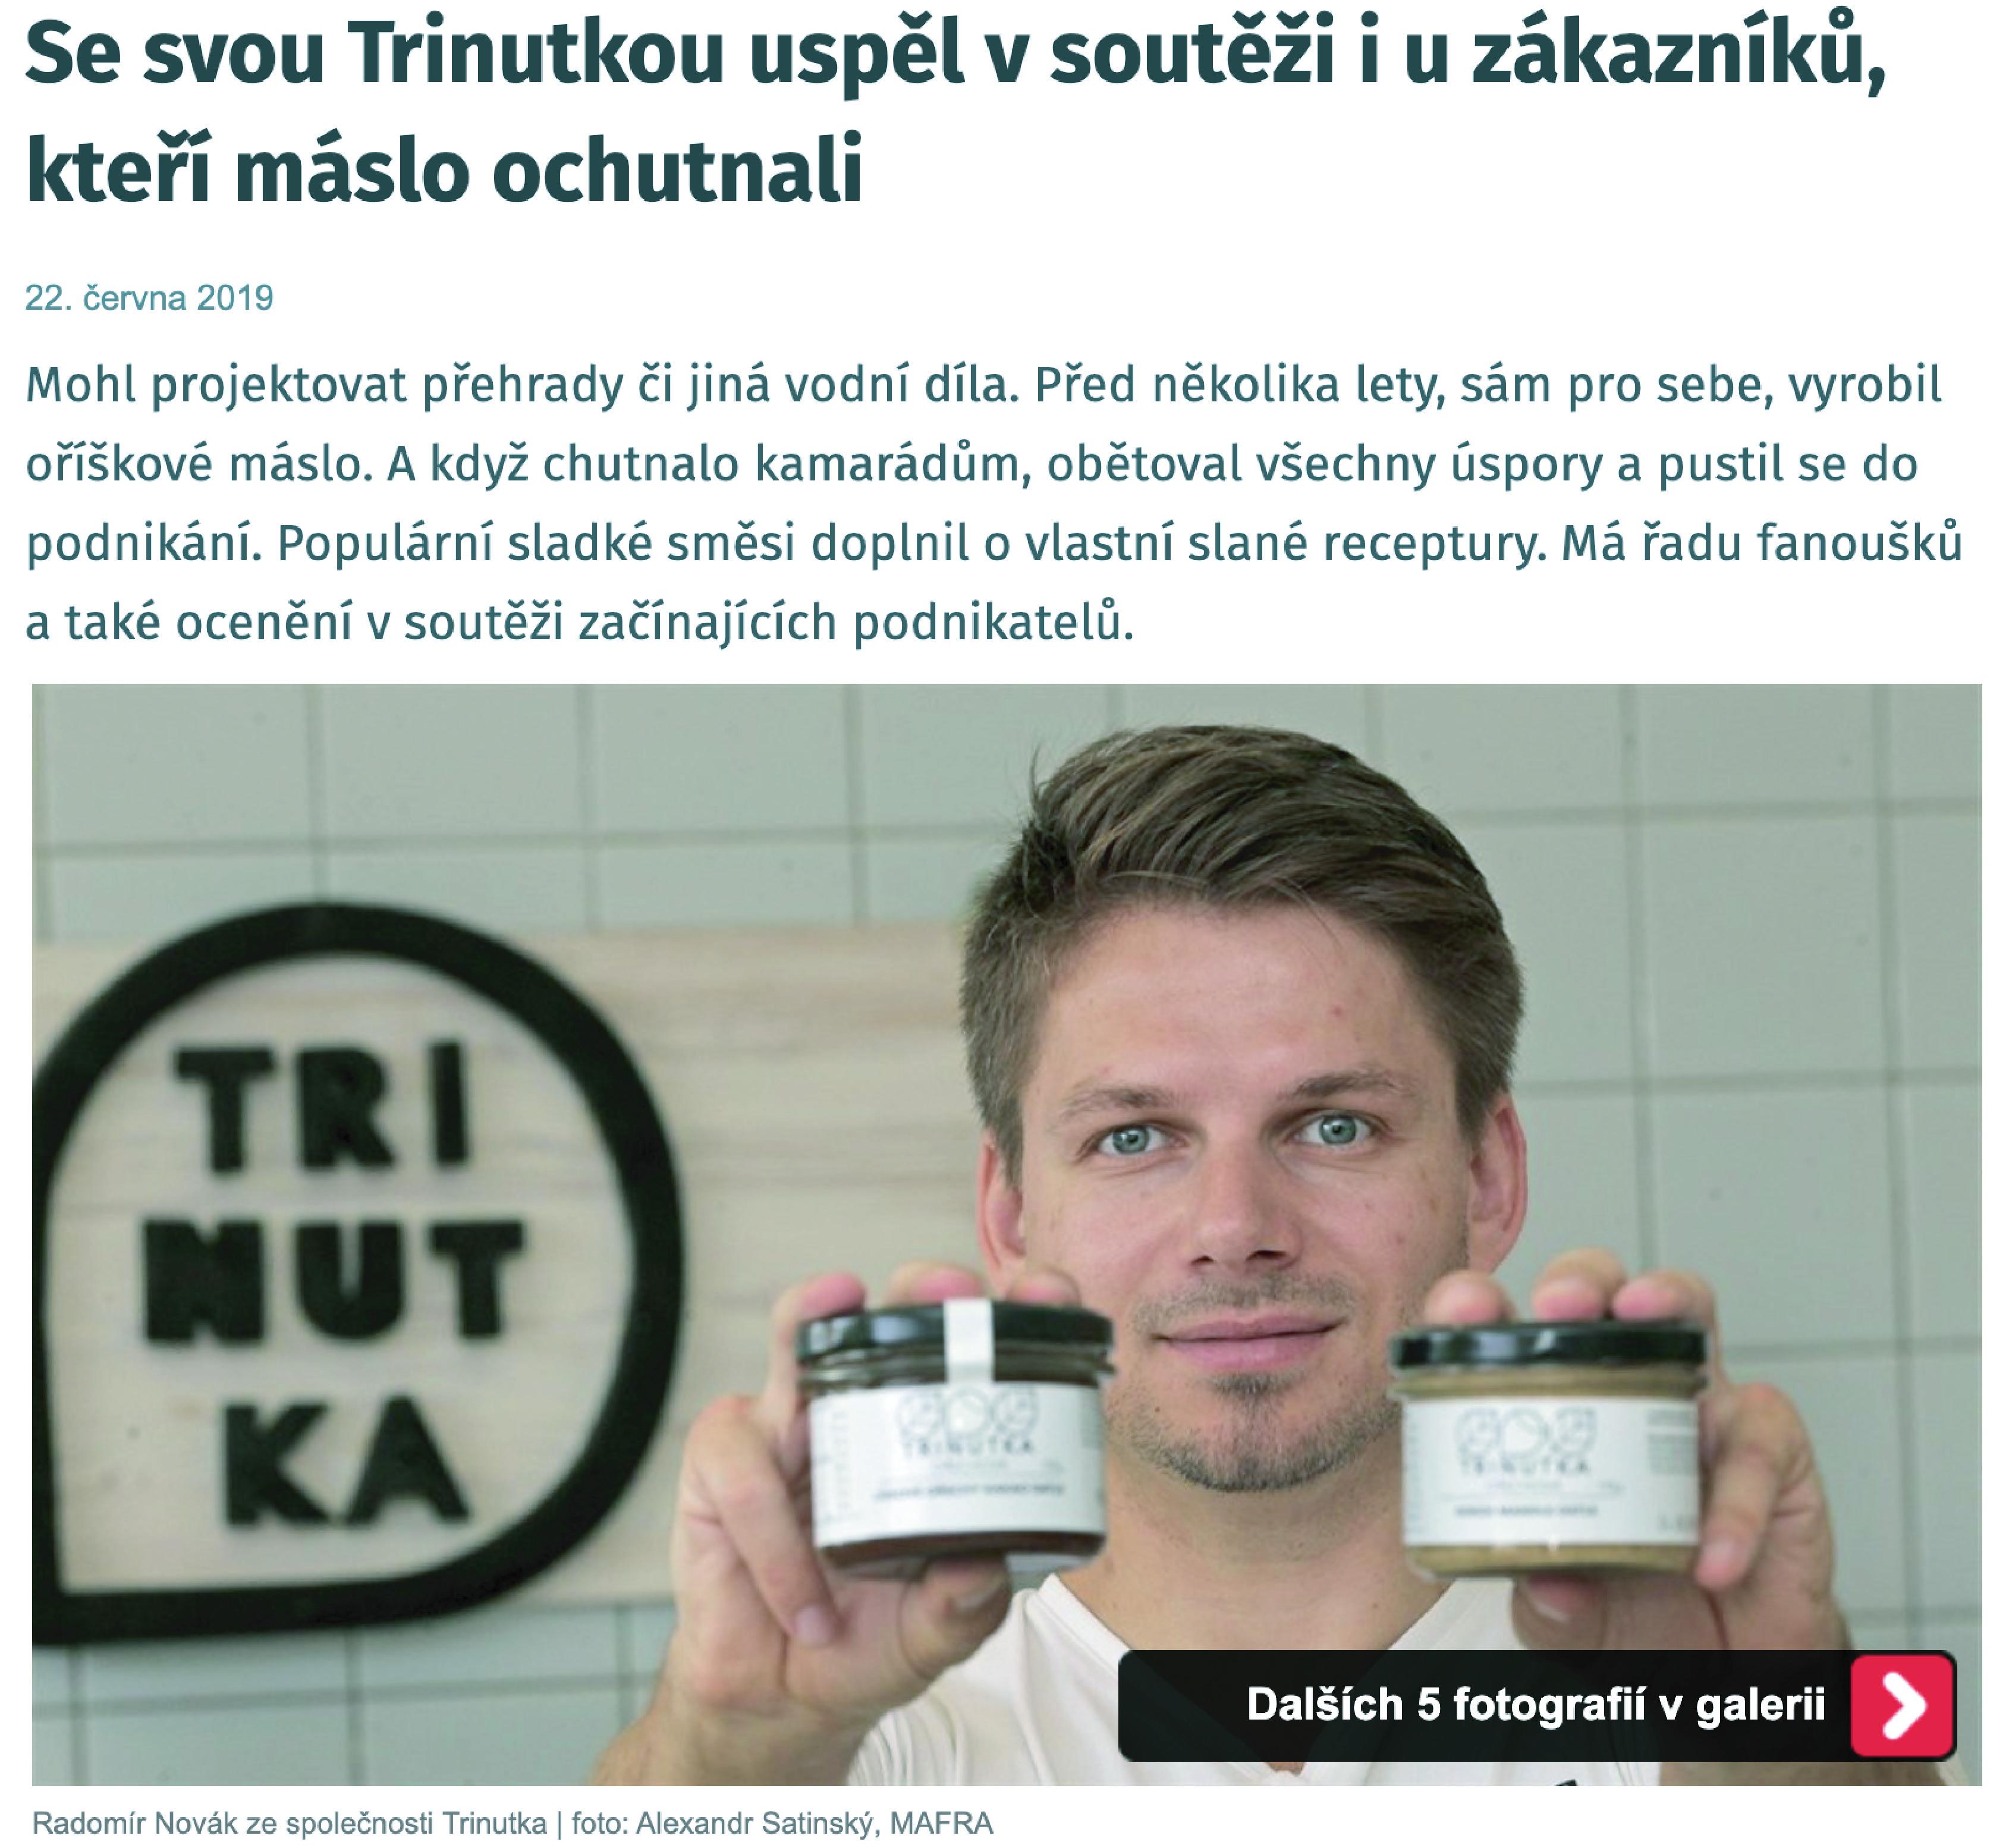 Se svou Trinutkou uspěl v soutěži i u zákazníků, kteří máslo ochutnali